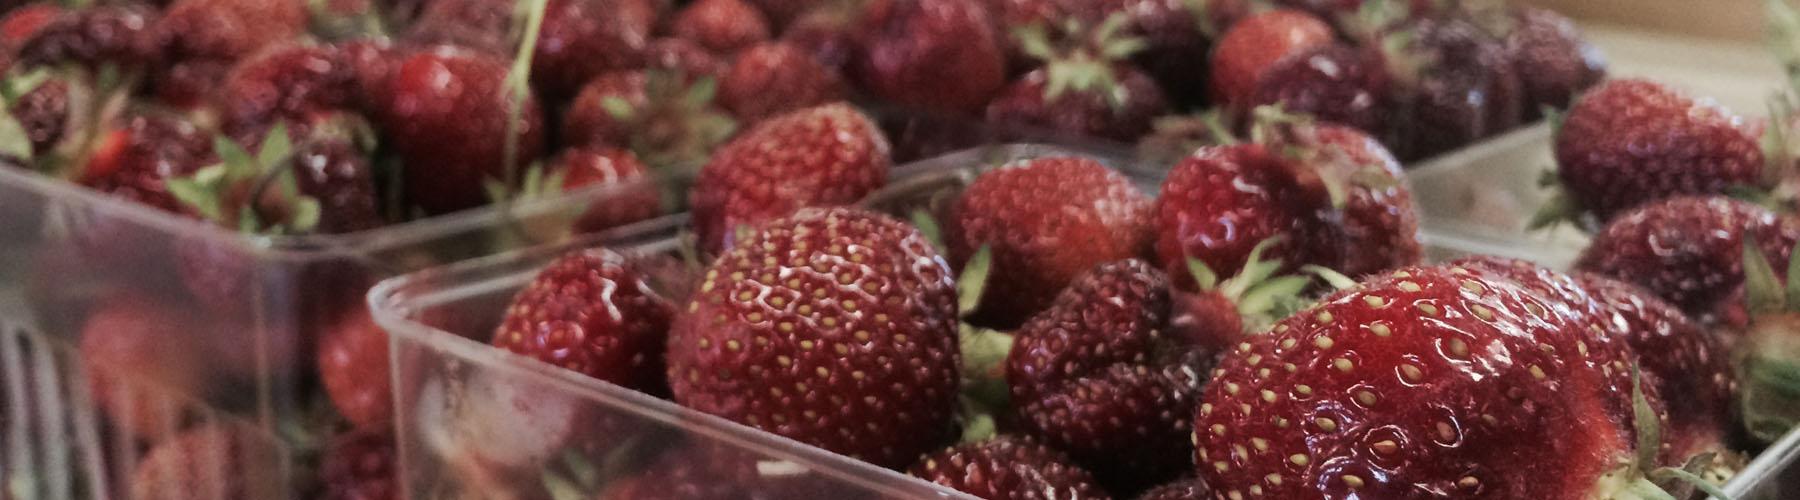 fresh michigan strawberries